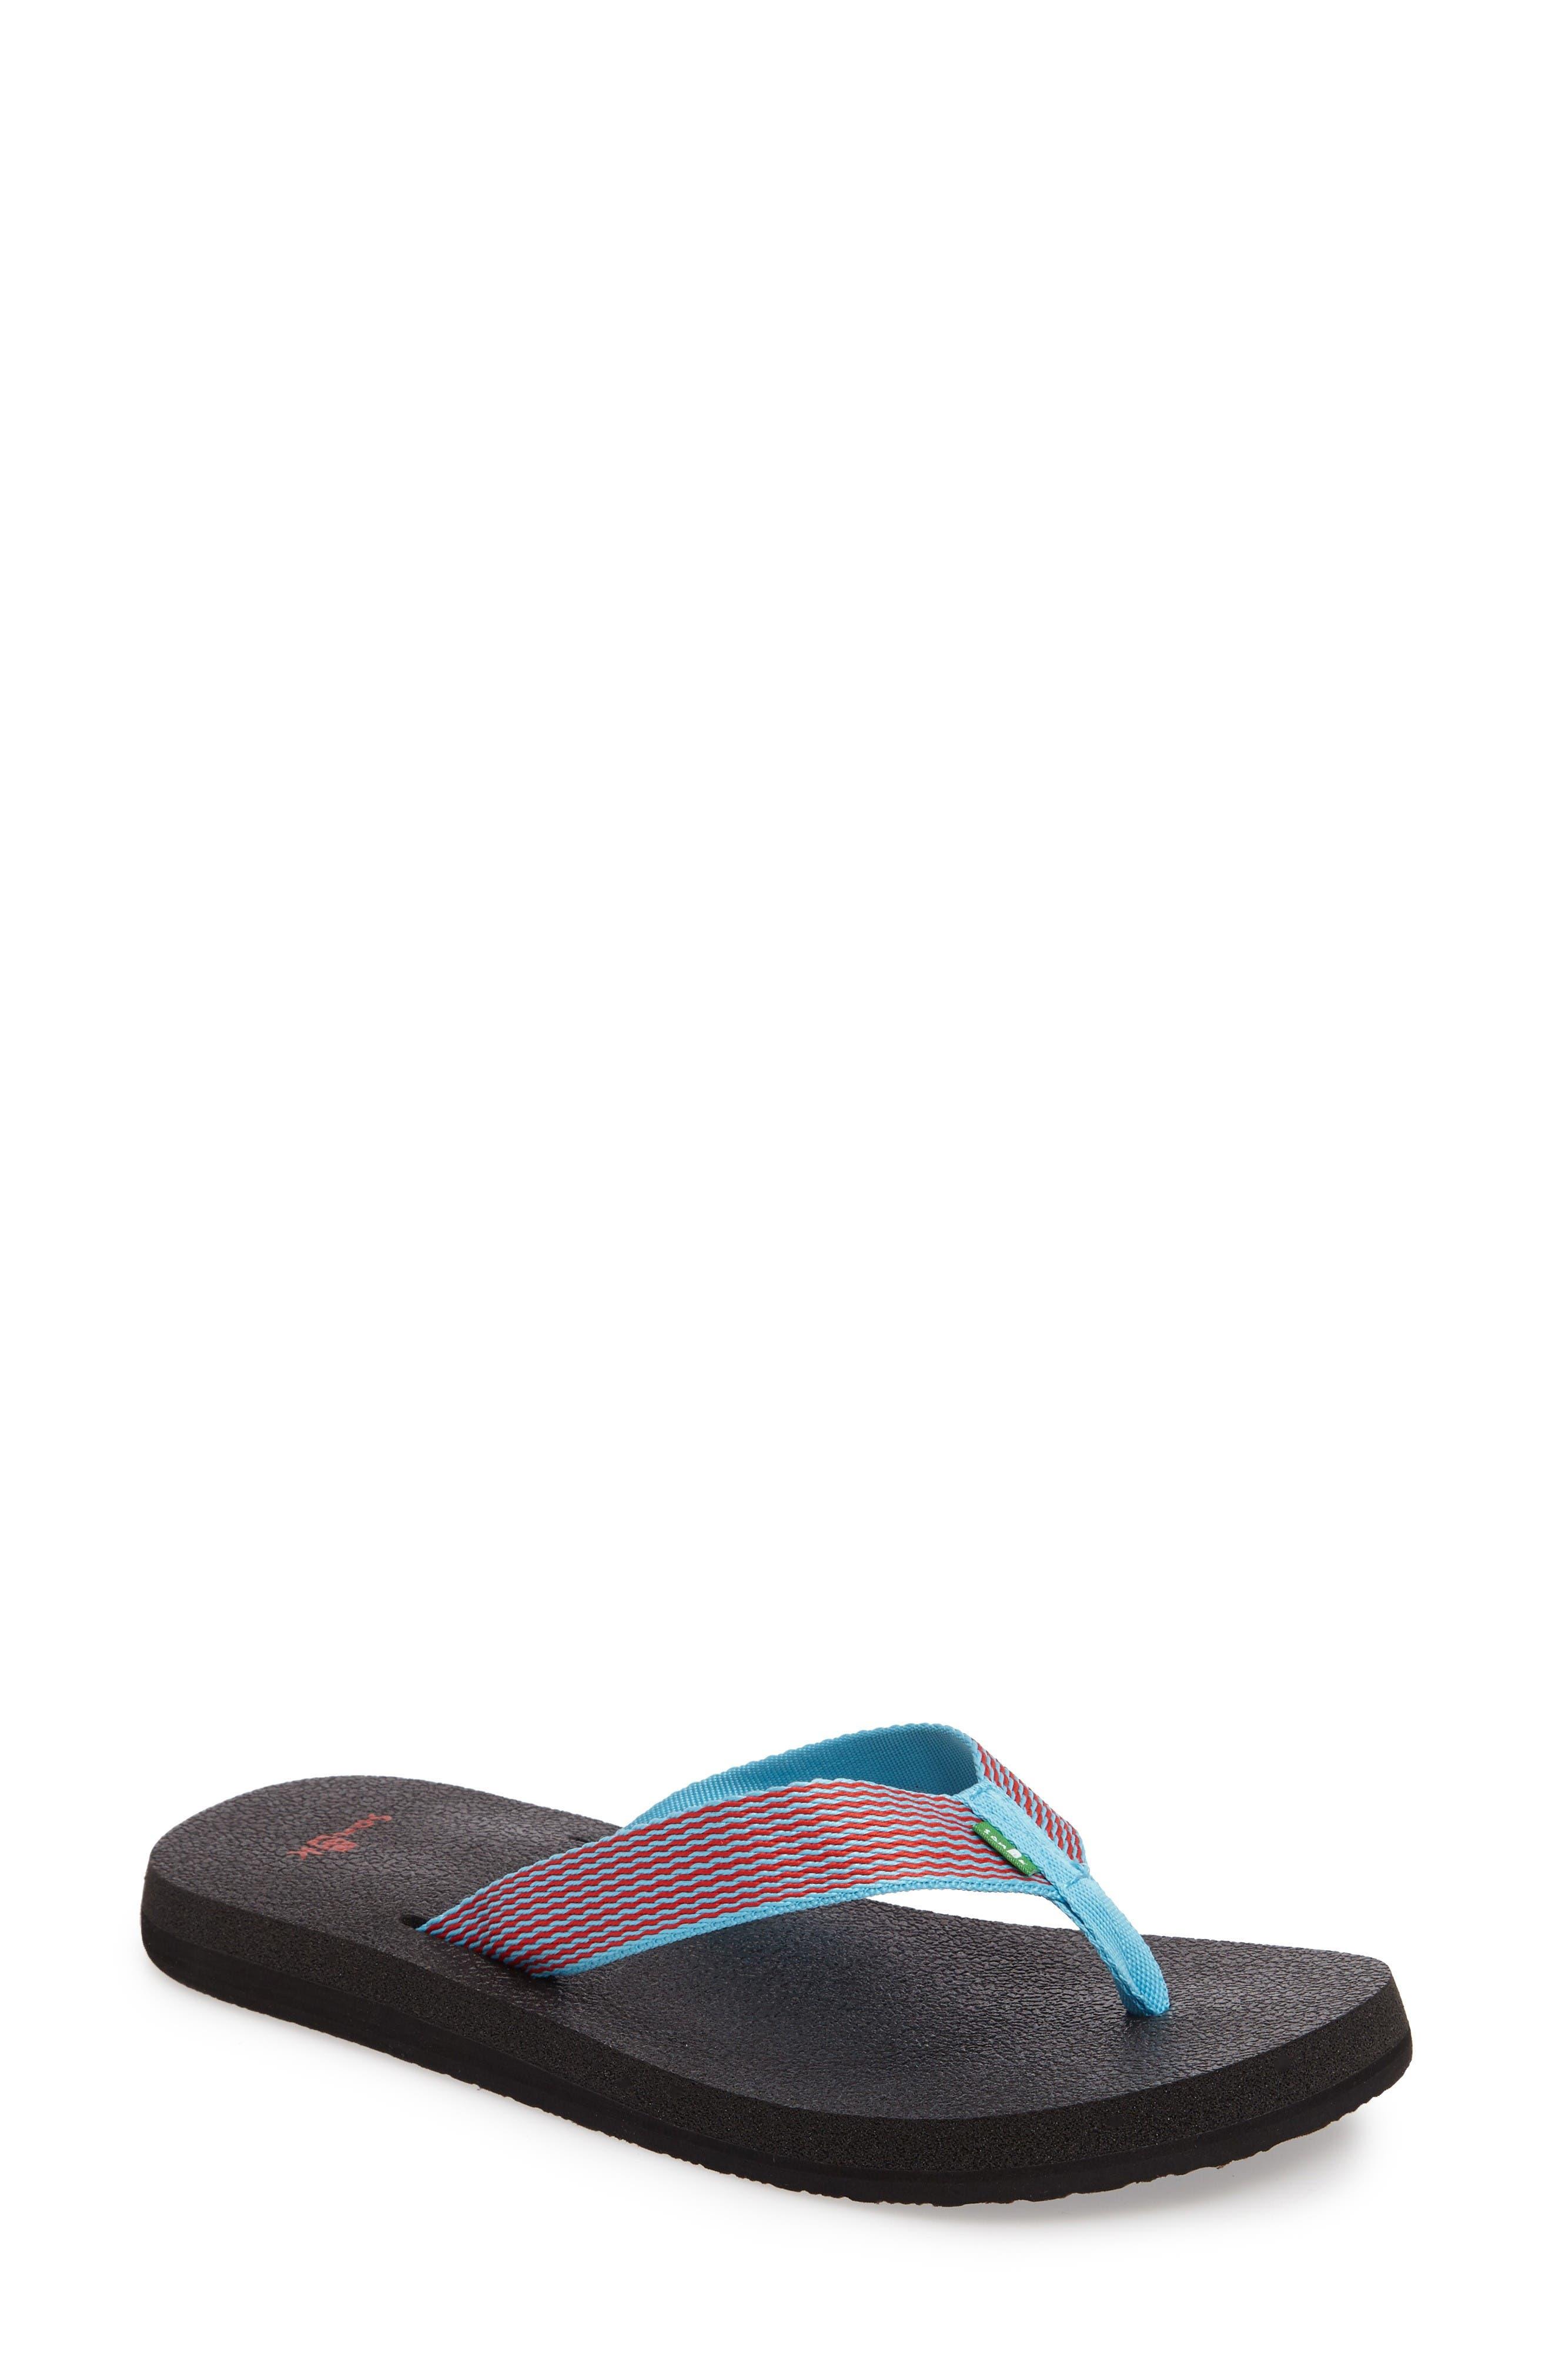 'Yoga Mat' Flip Flop,                             Main thumbnail 1, color,                             Aqua/ Bright Red